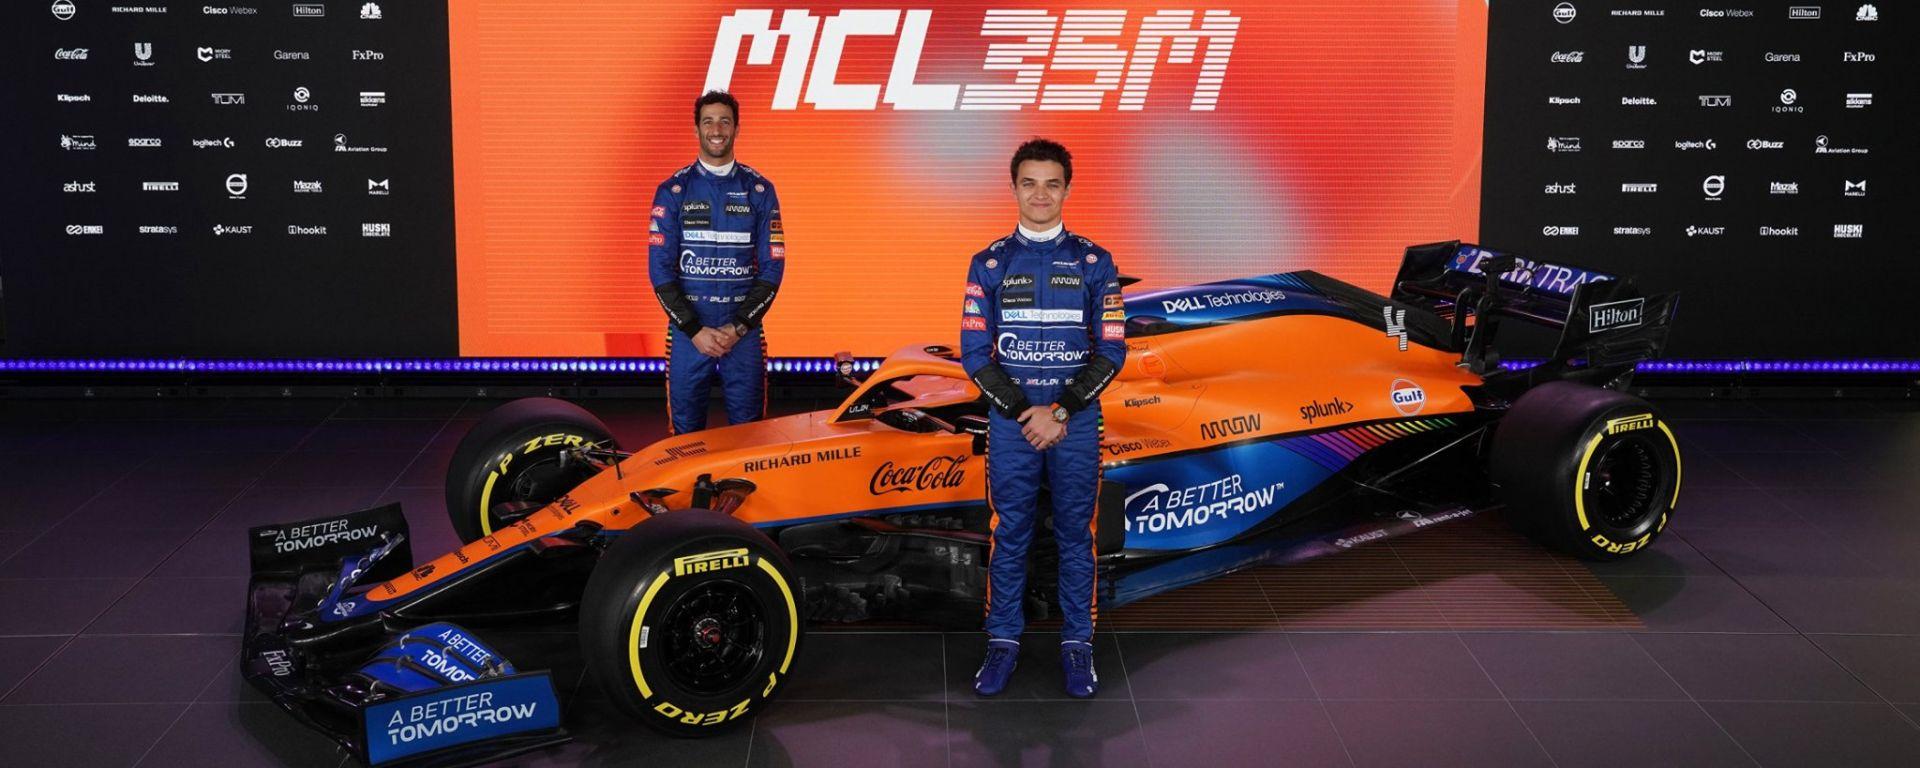 McLaren F1 Team MCL35M - Lando Norris, Daniel Ricciardo